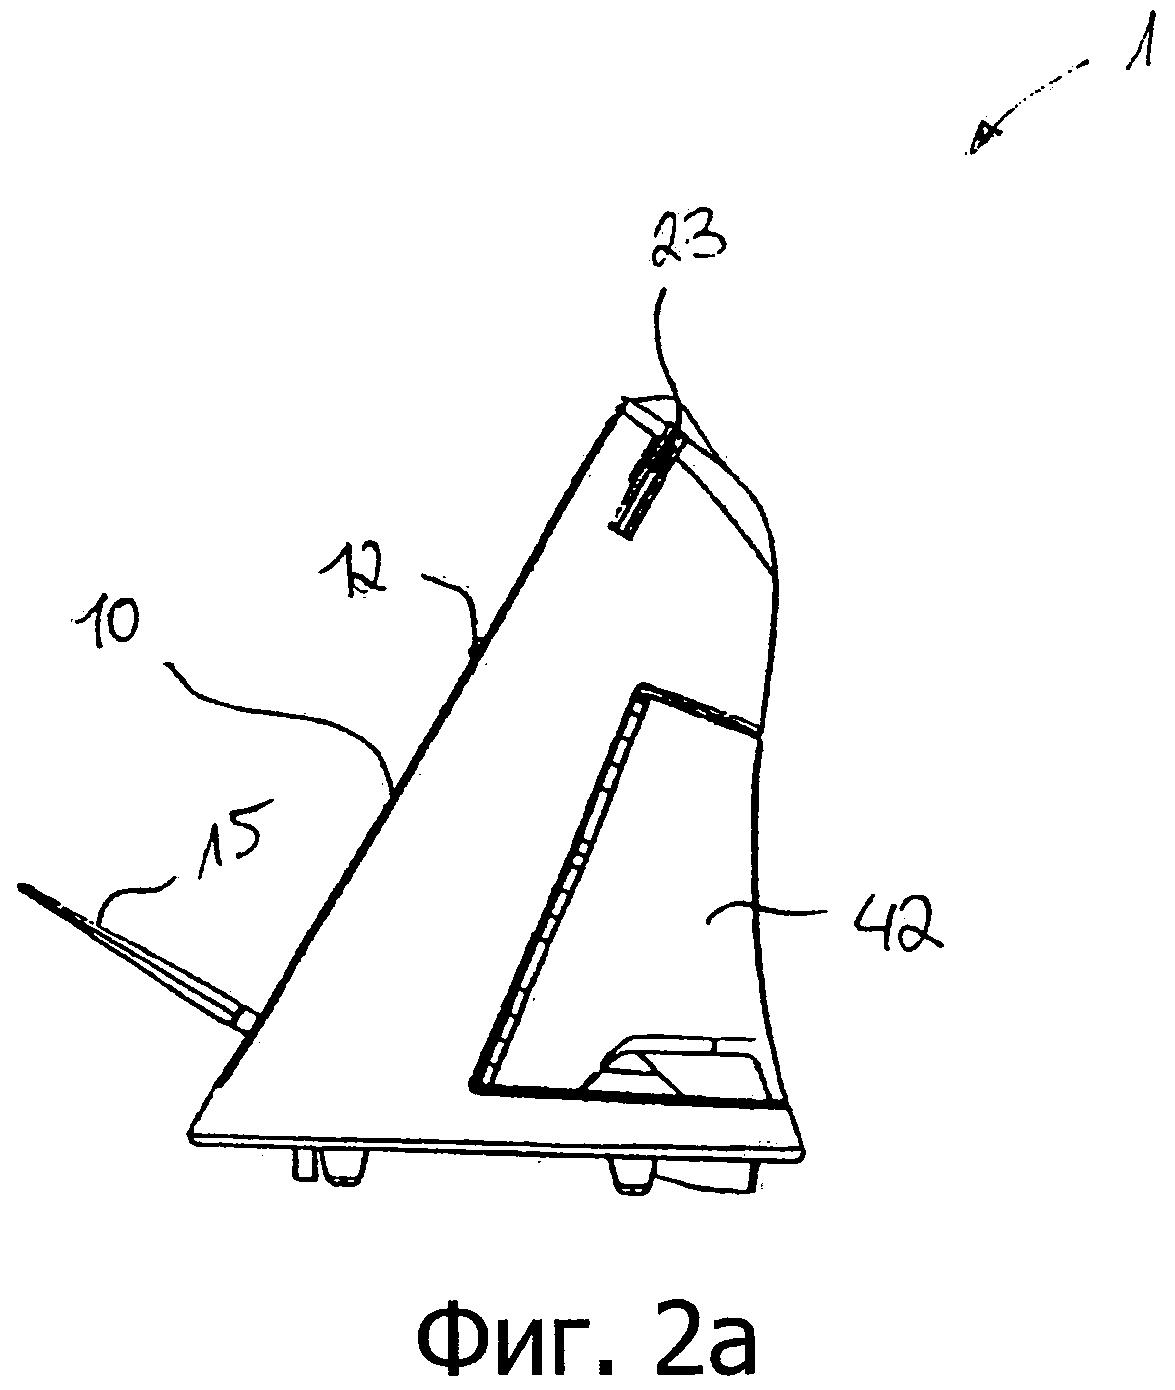 Машина для приготовления напитков с функцией эмуляции окружающей обстановки